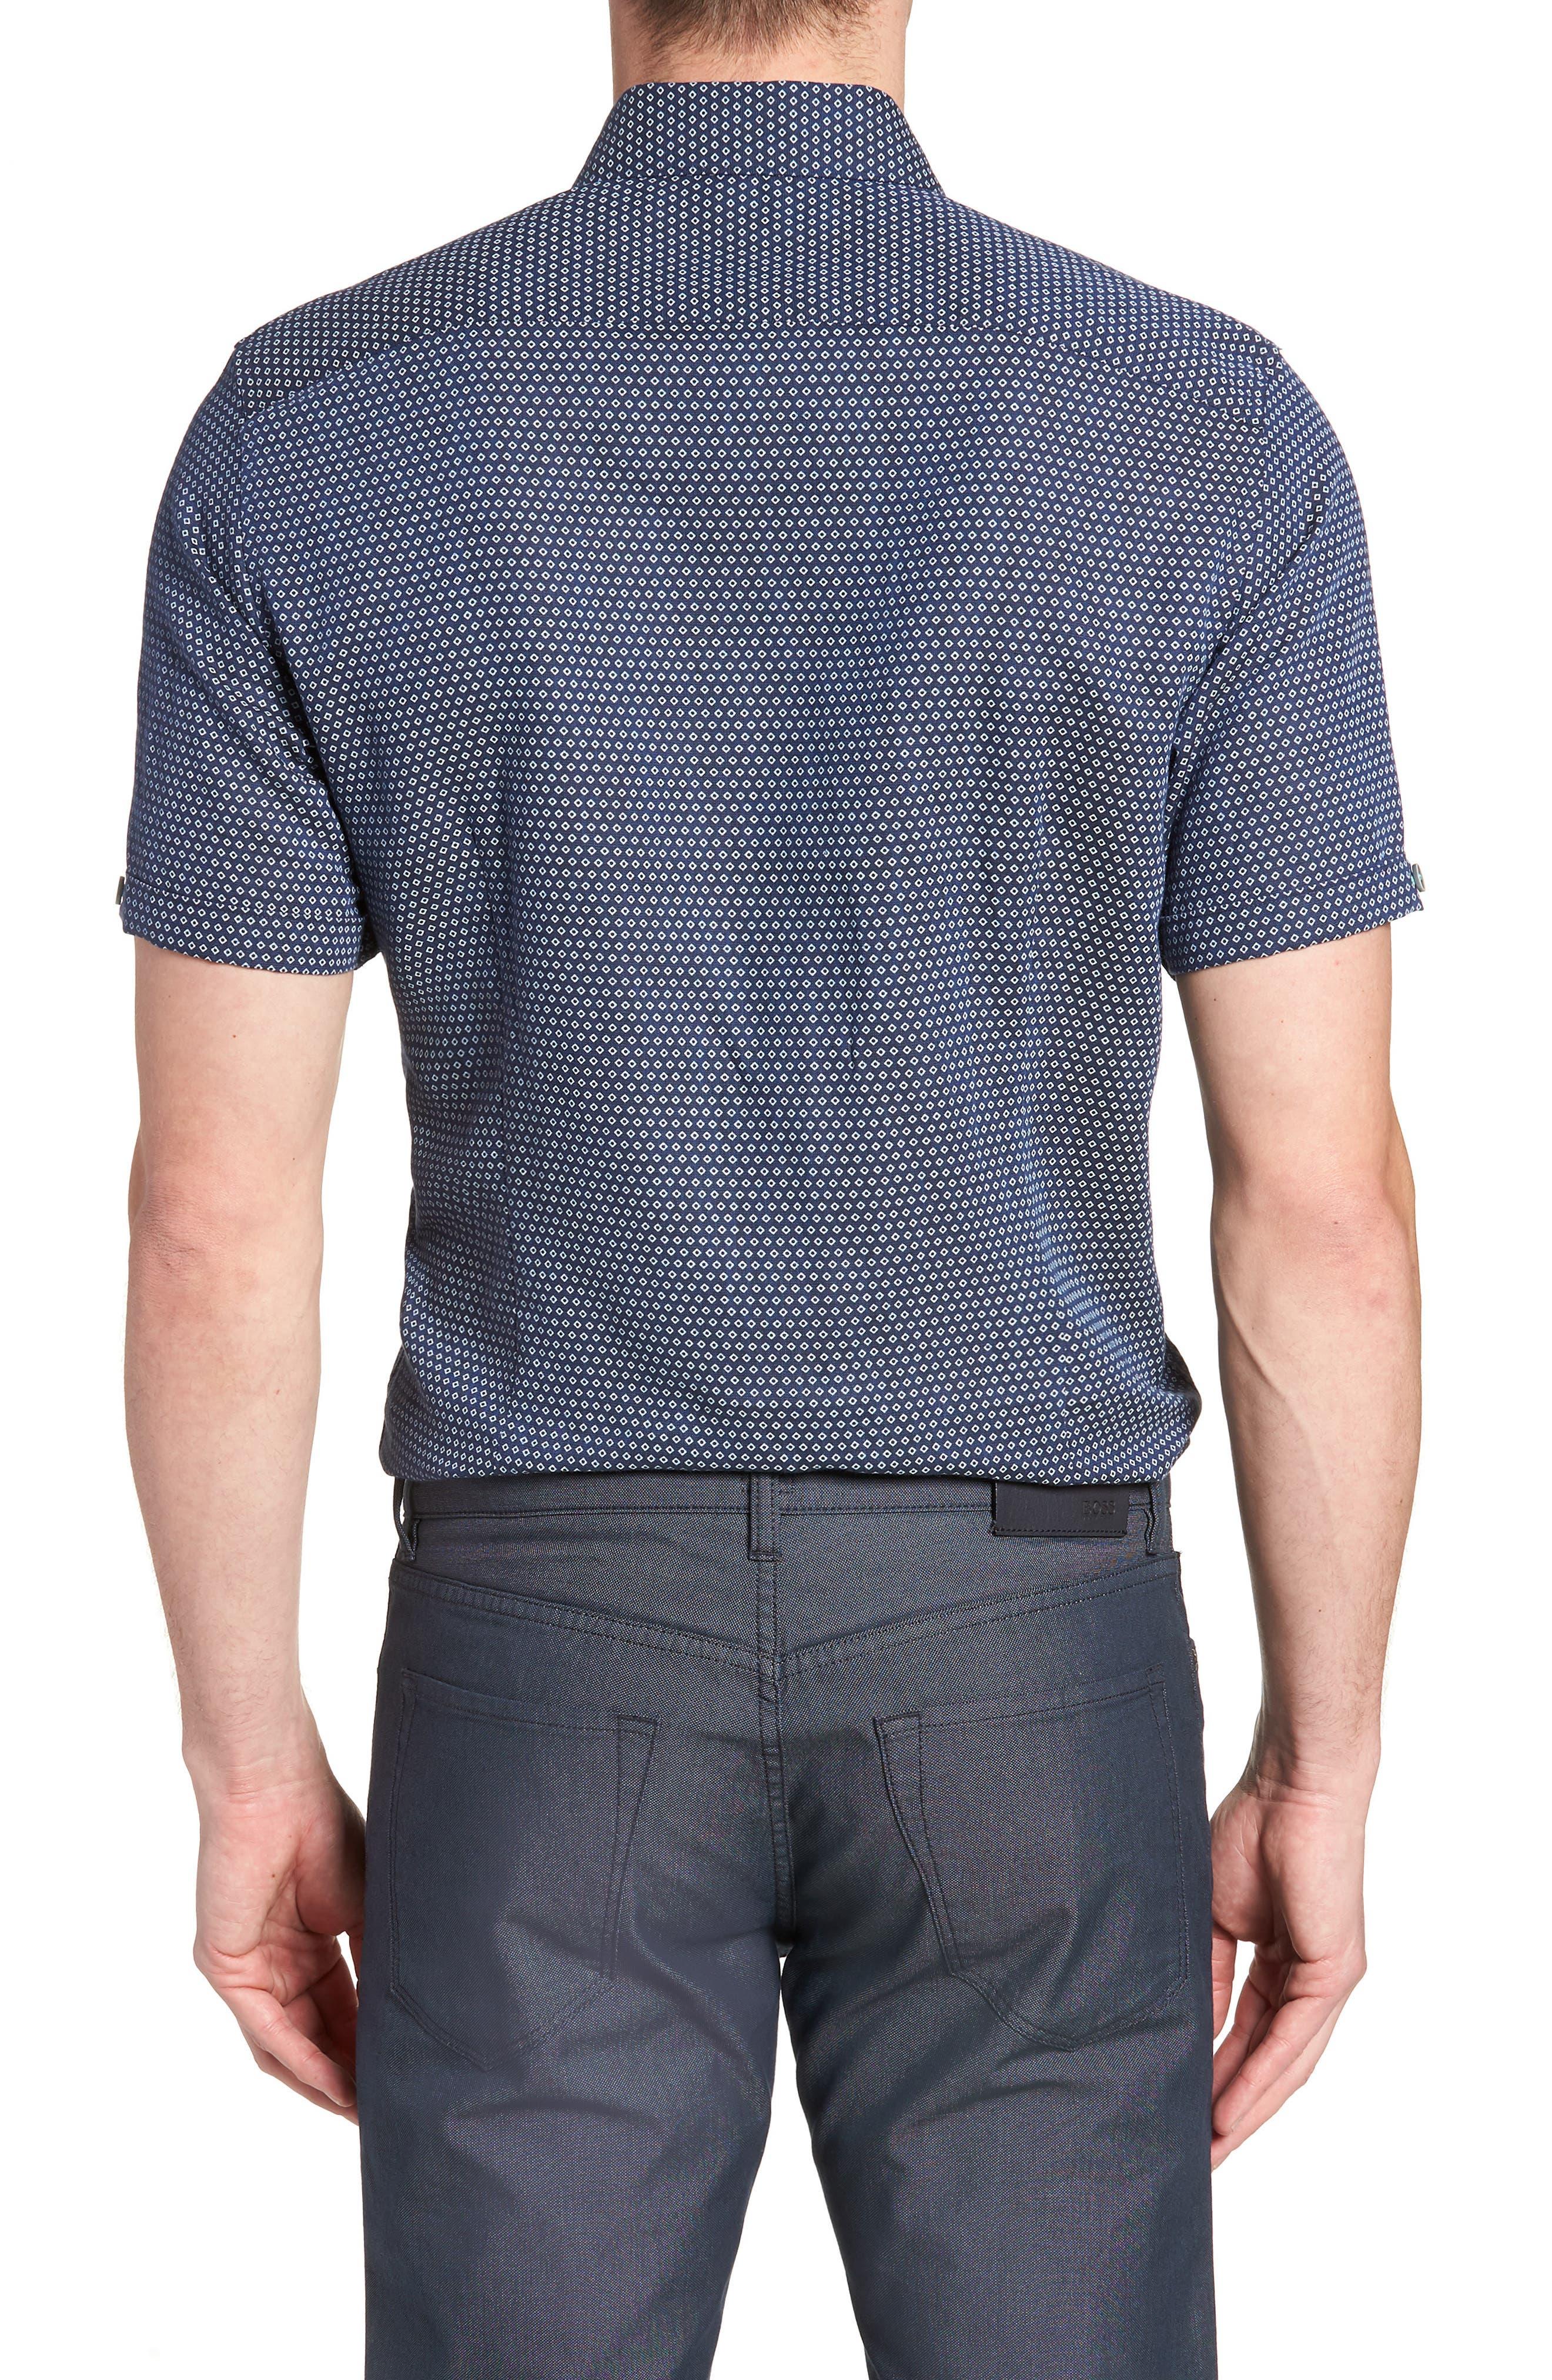 Sirobtt Short Sleeve Sport Shirt,                             Alternate thumbnail 4, color,